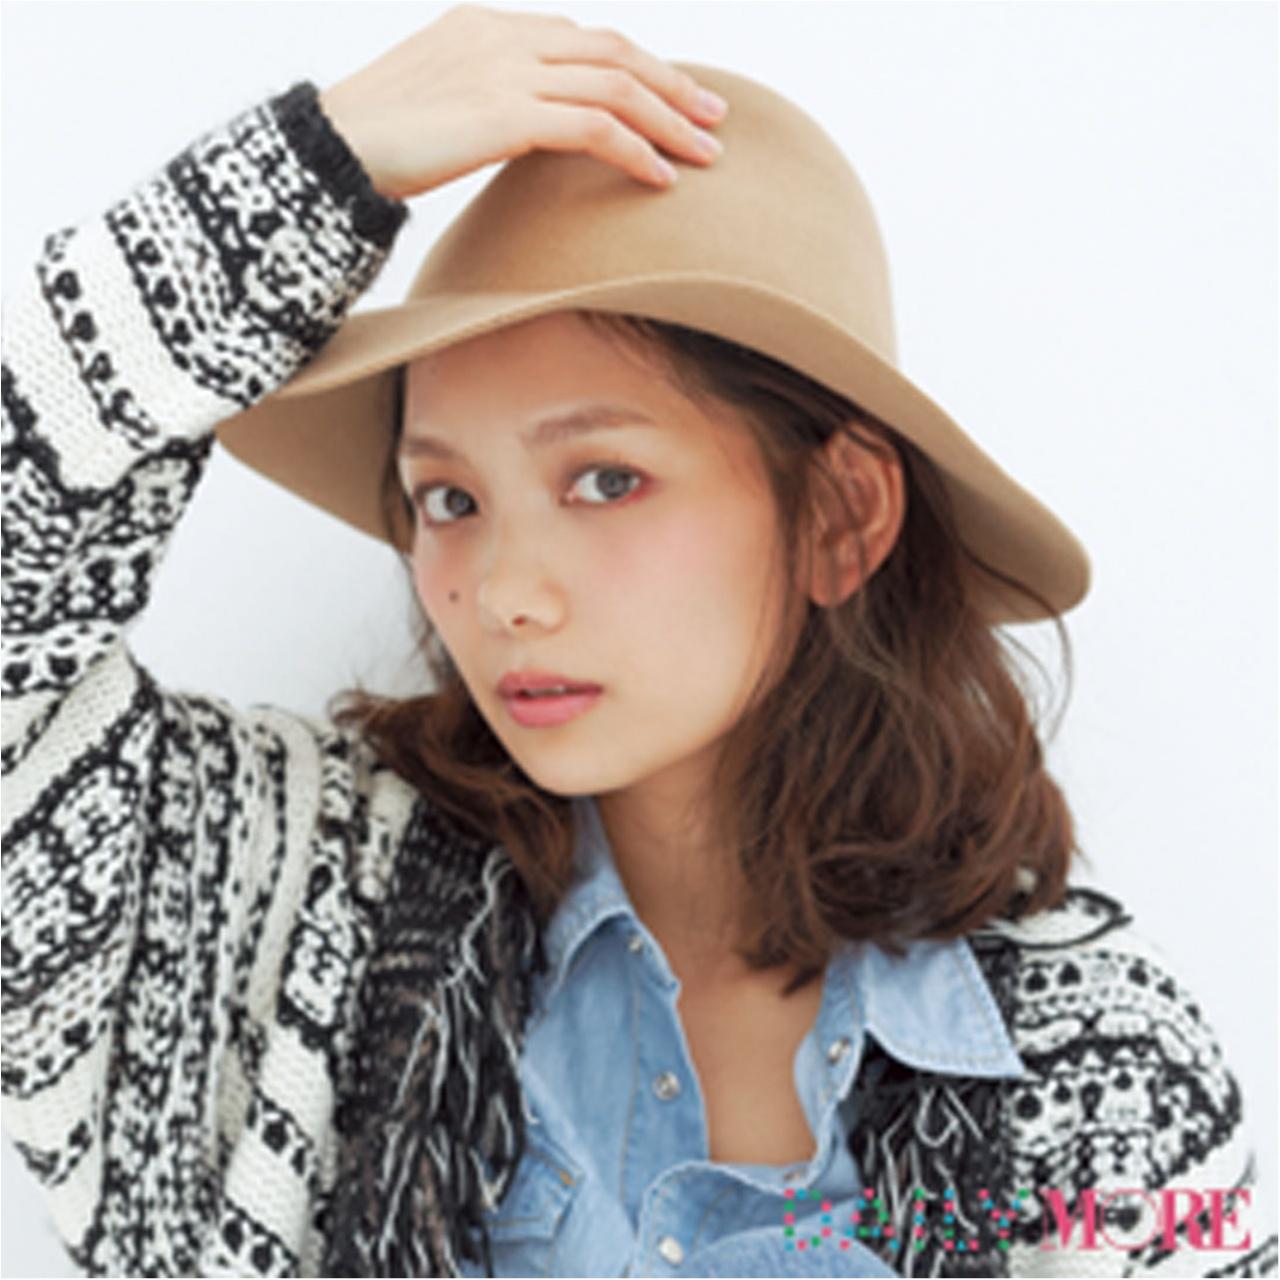 武智志穂ちゃんは「シャネル」のルージュで愛されフェイスに♡【教えて! モアビューティズの1UP美容♡】_1